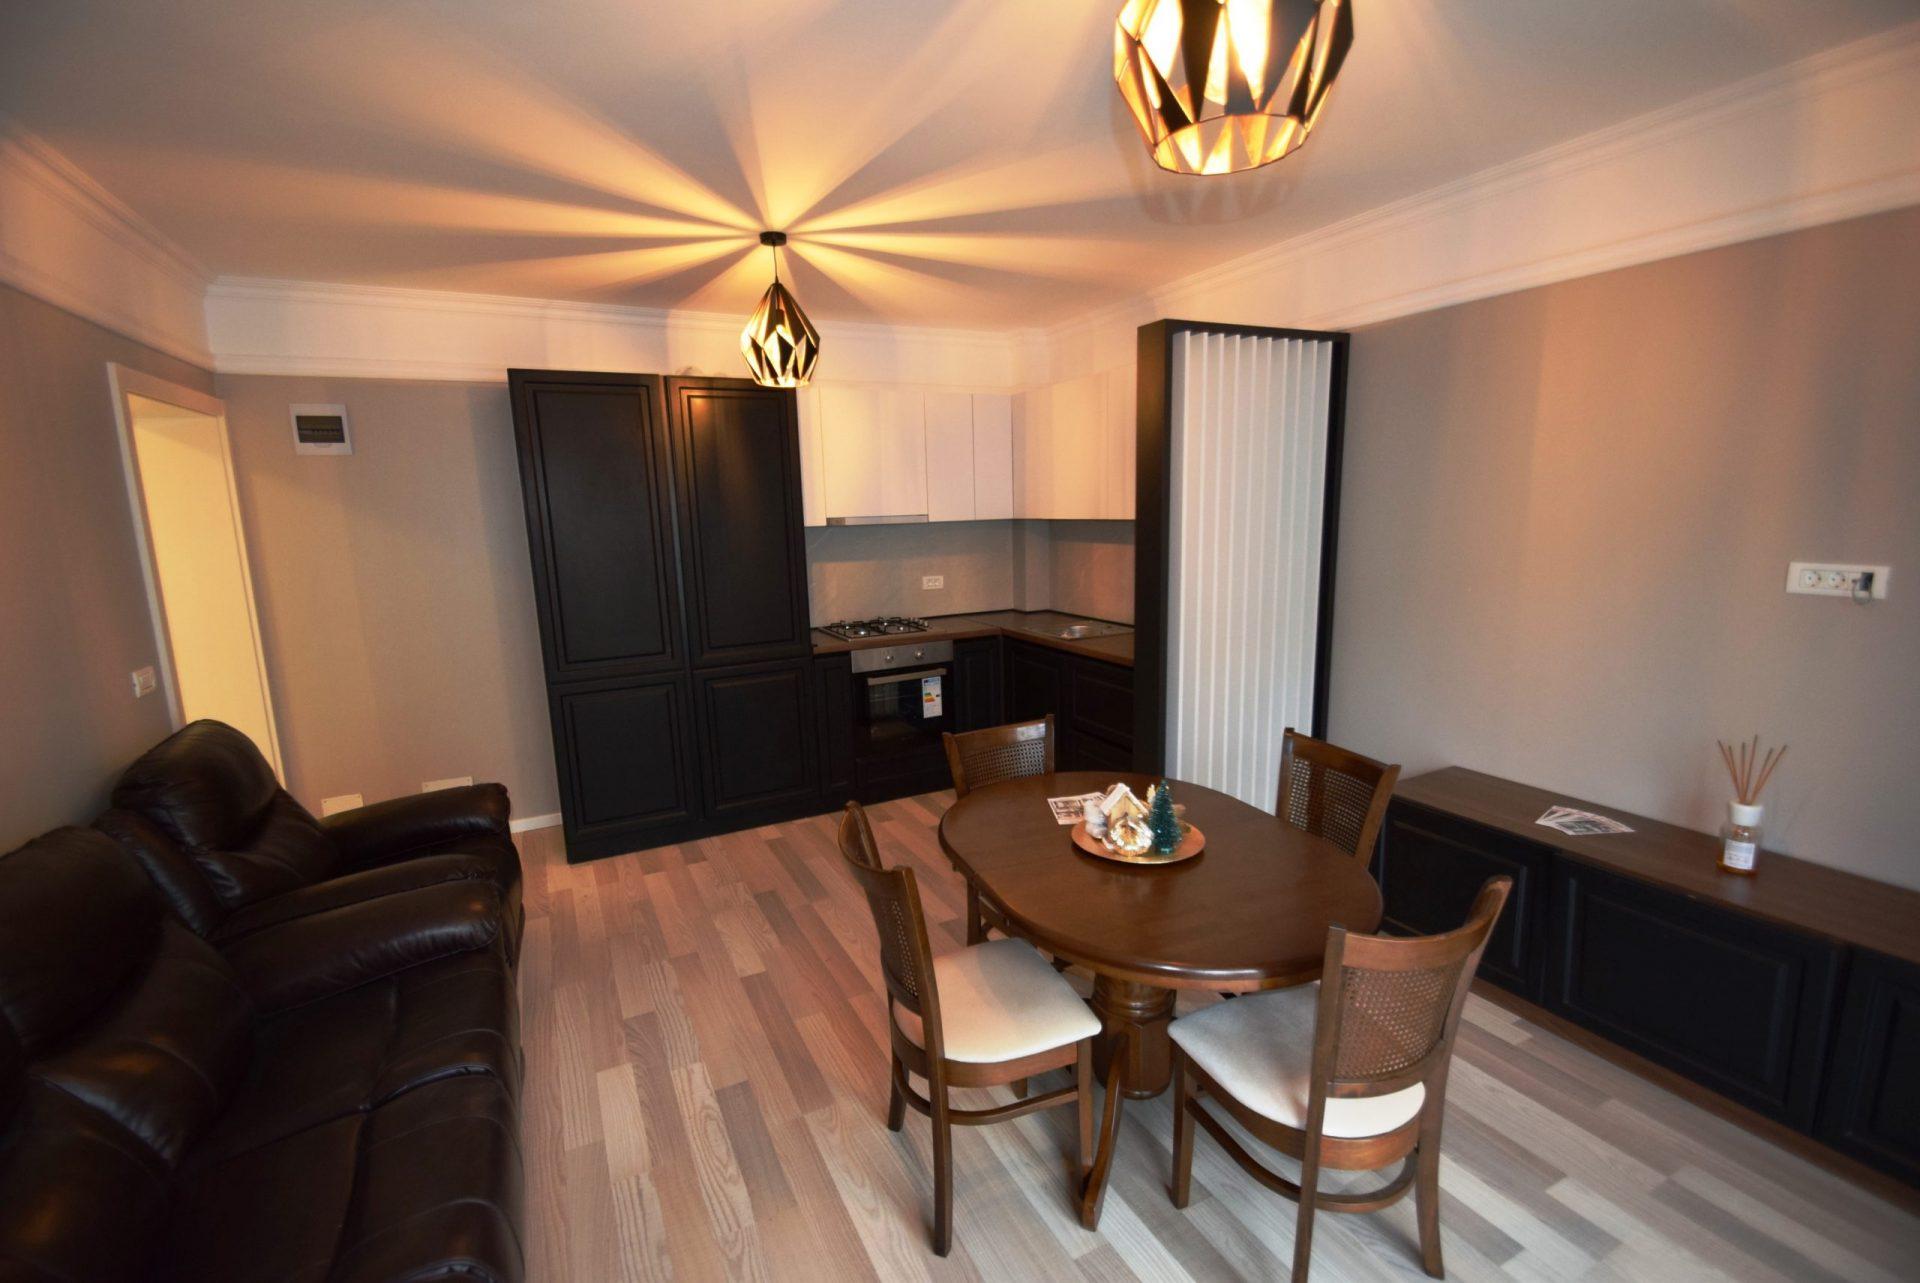 apartamente-de-vanzare-iasi-esq-village-2-11-scaled